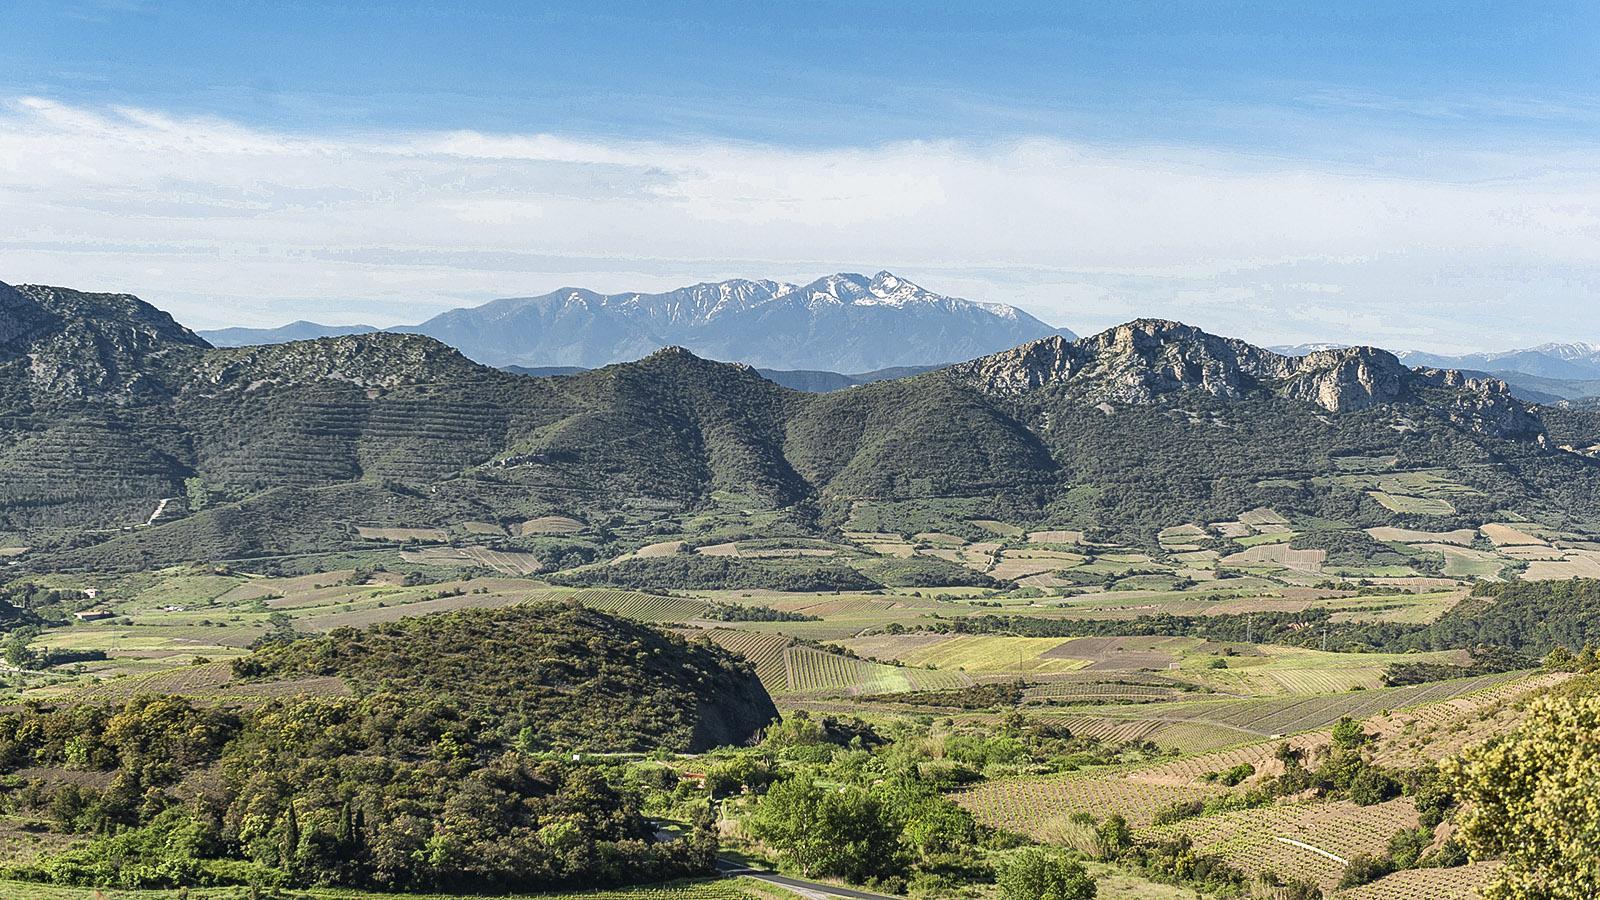 Das Tal des Agly bei Maury. Im Hintergrund: der Canigou. Foto: Hilke Maunder